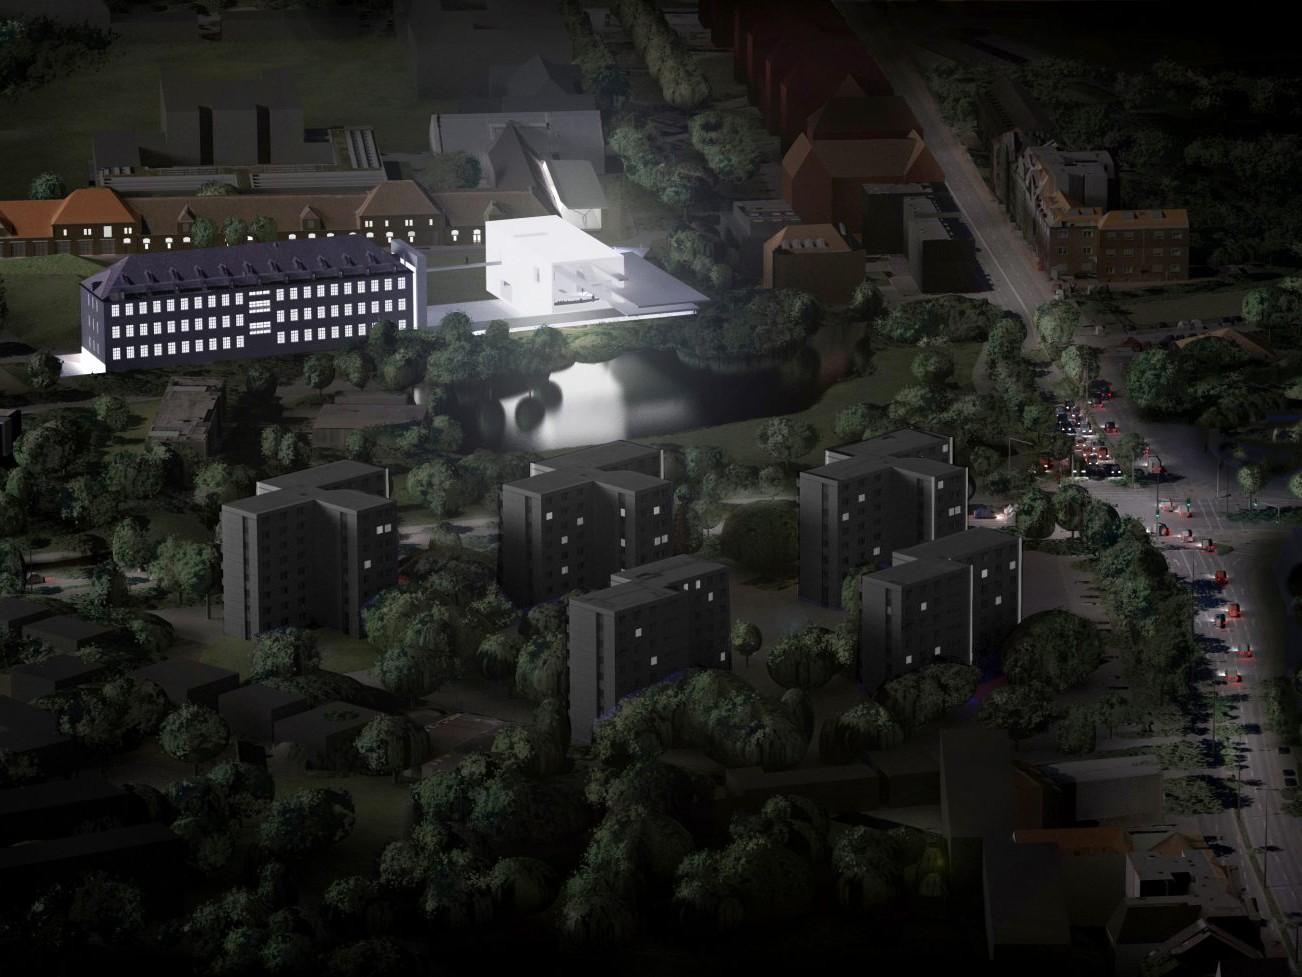 Pro Leonardo-Campus: Entwurf für eine Musikhochschule auf dem Leonardo-Campus, mit Blick zum Ring / Steinfurter Straße - Entwurf: Bühler & Bühler, Schüring Architekten.